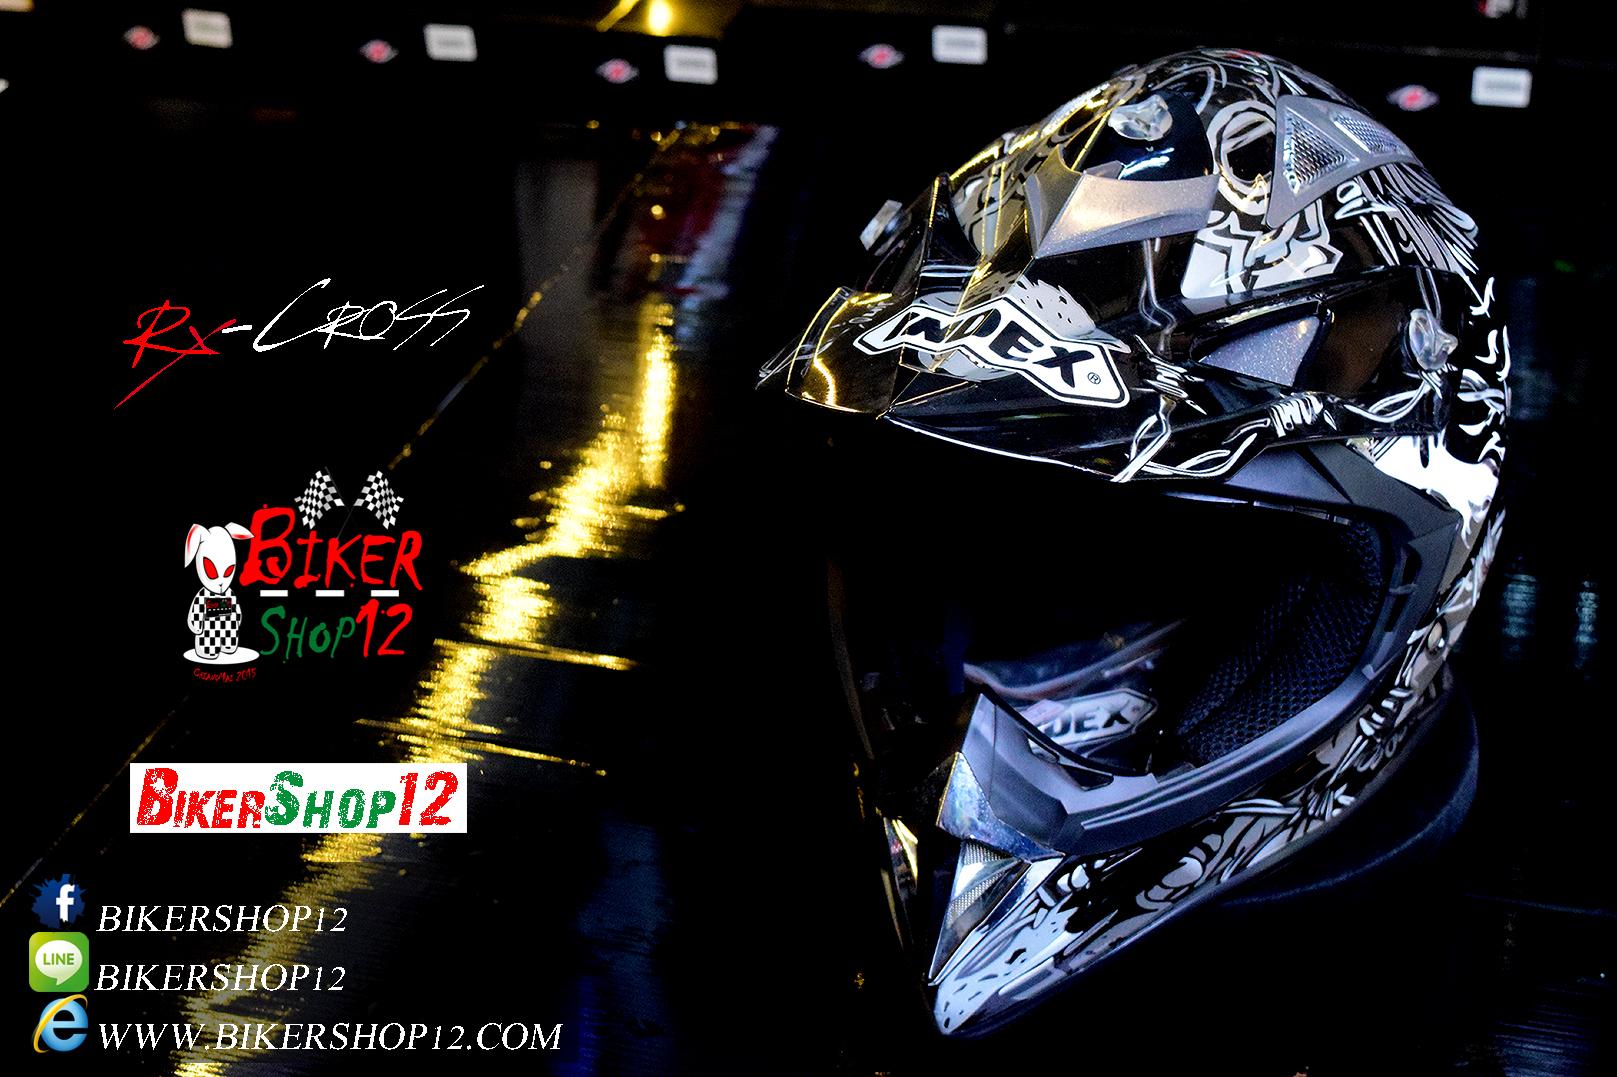 หมวกกันน็อควิบาก Index รุ่น Rx-Cross สีดำ-เงิน